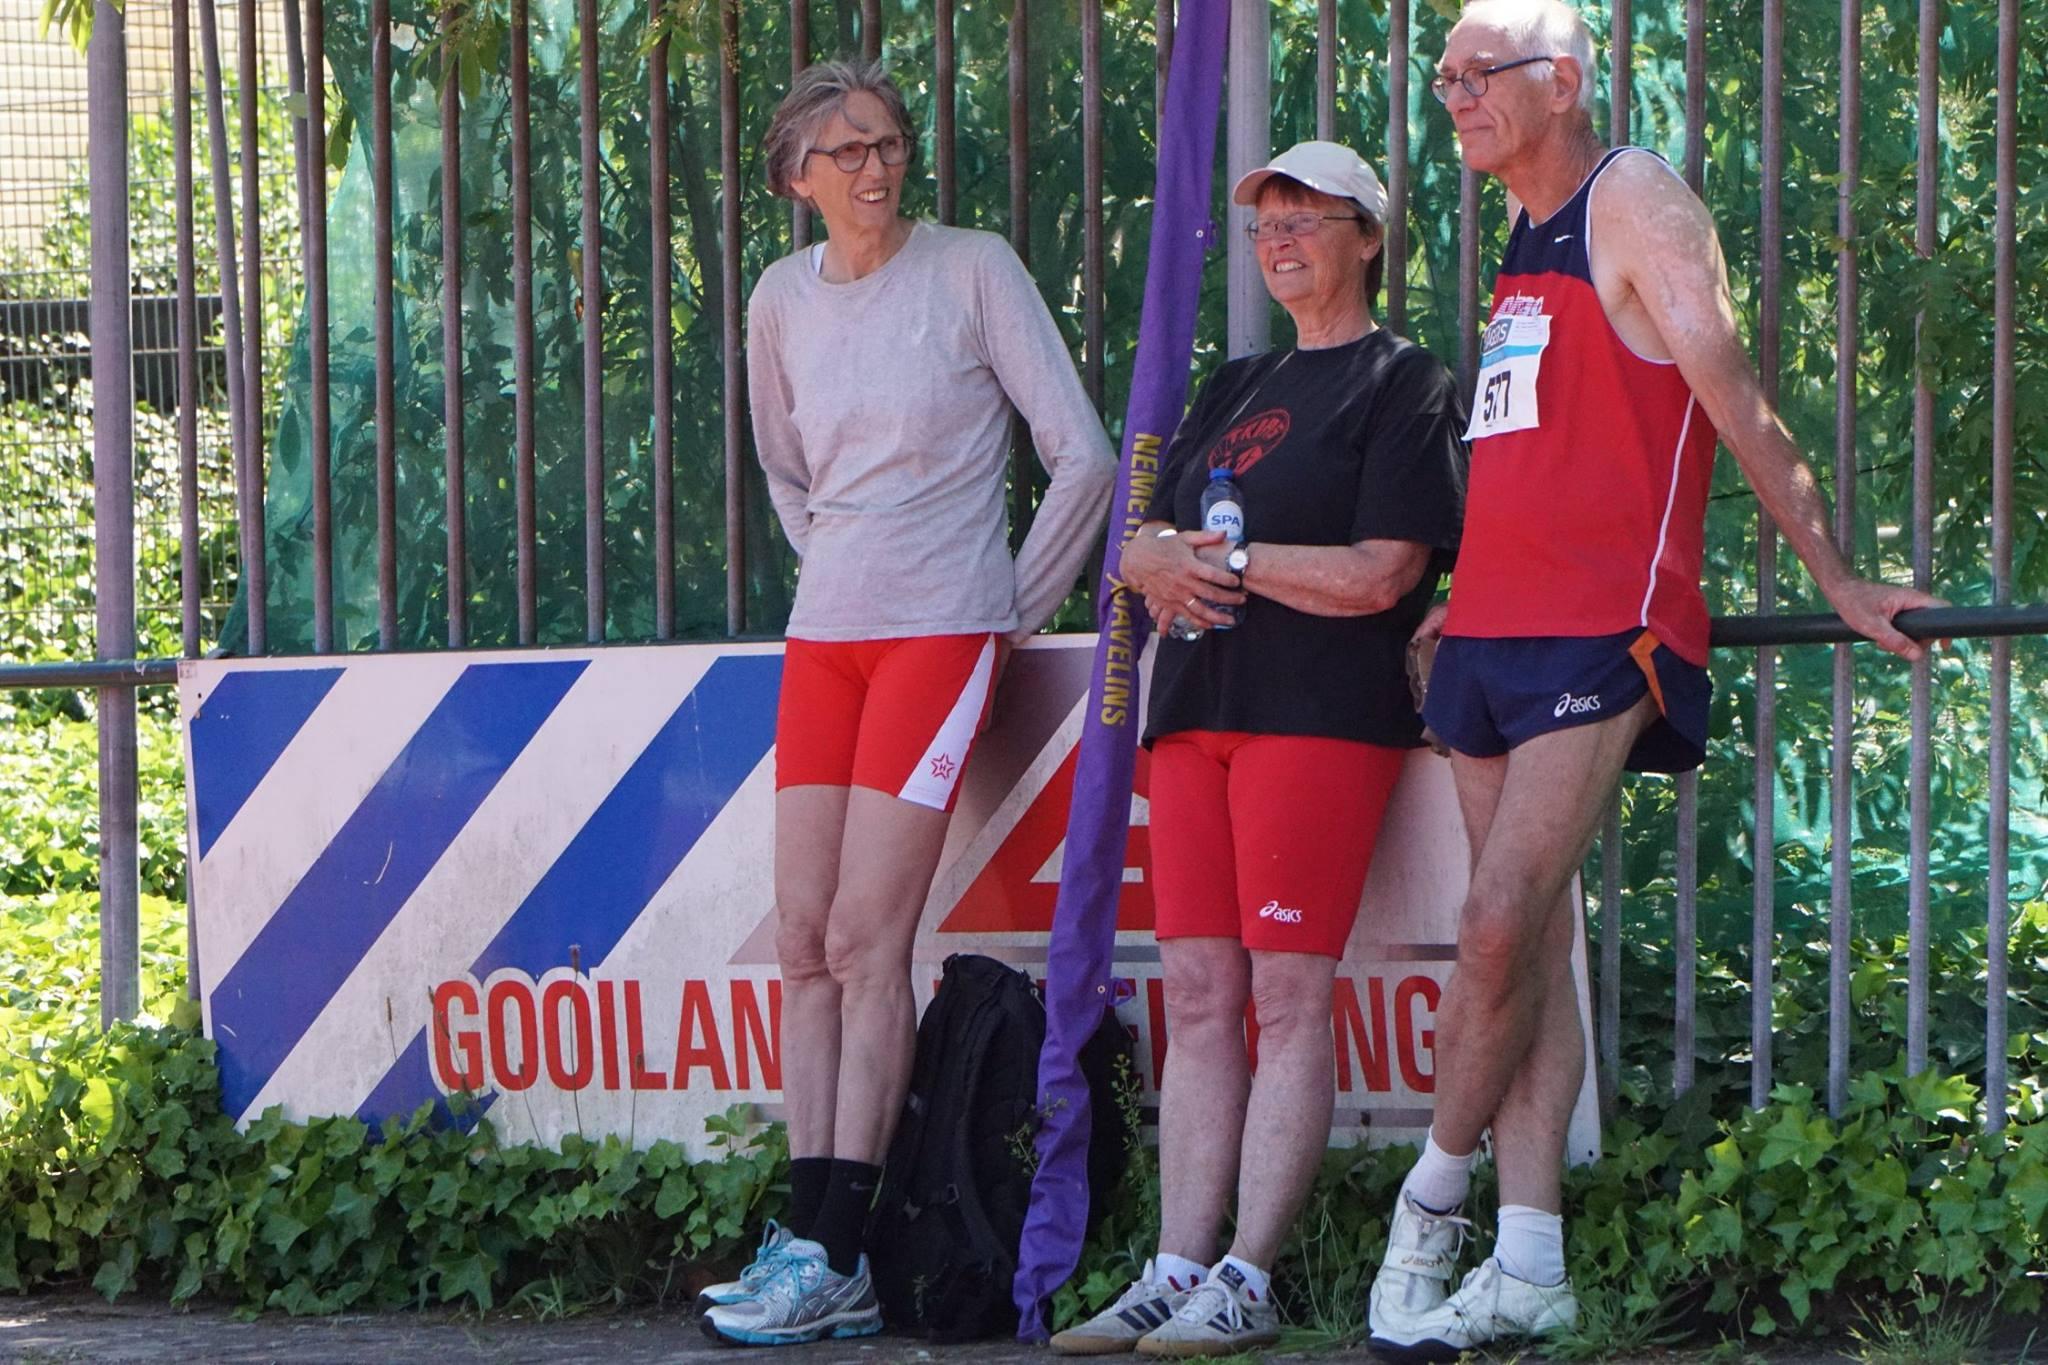 Weia vorige week tijdens de 2e masterscompetitiewedstrijd in Hilversum.